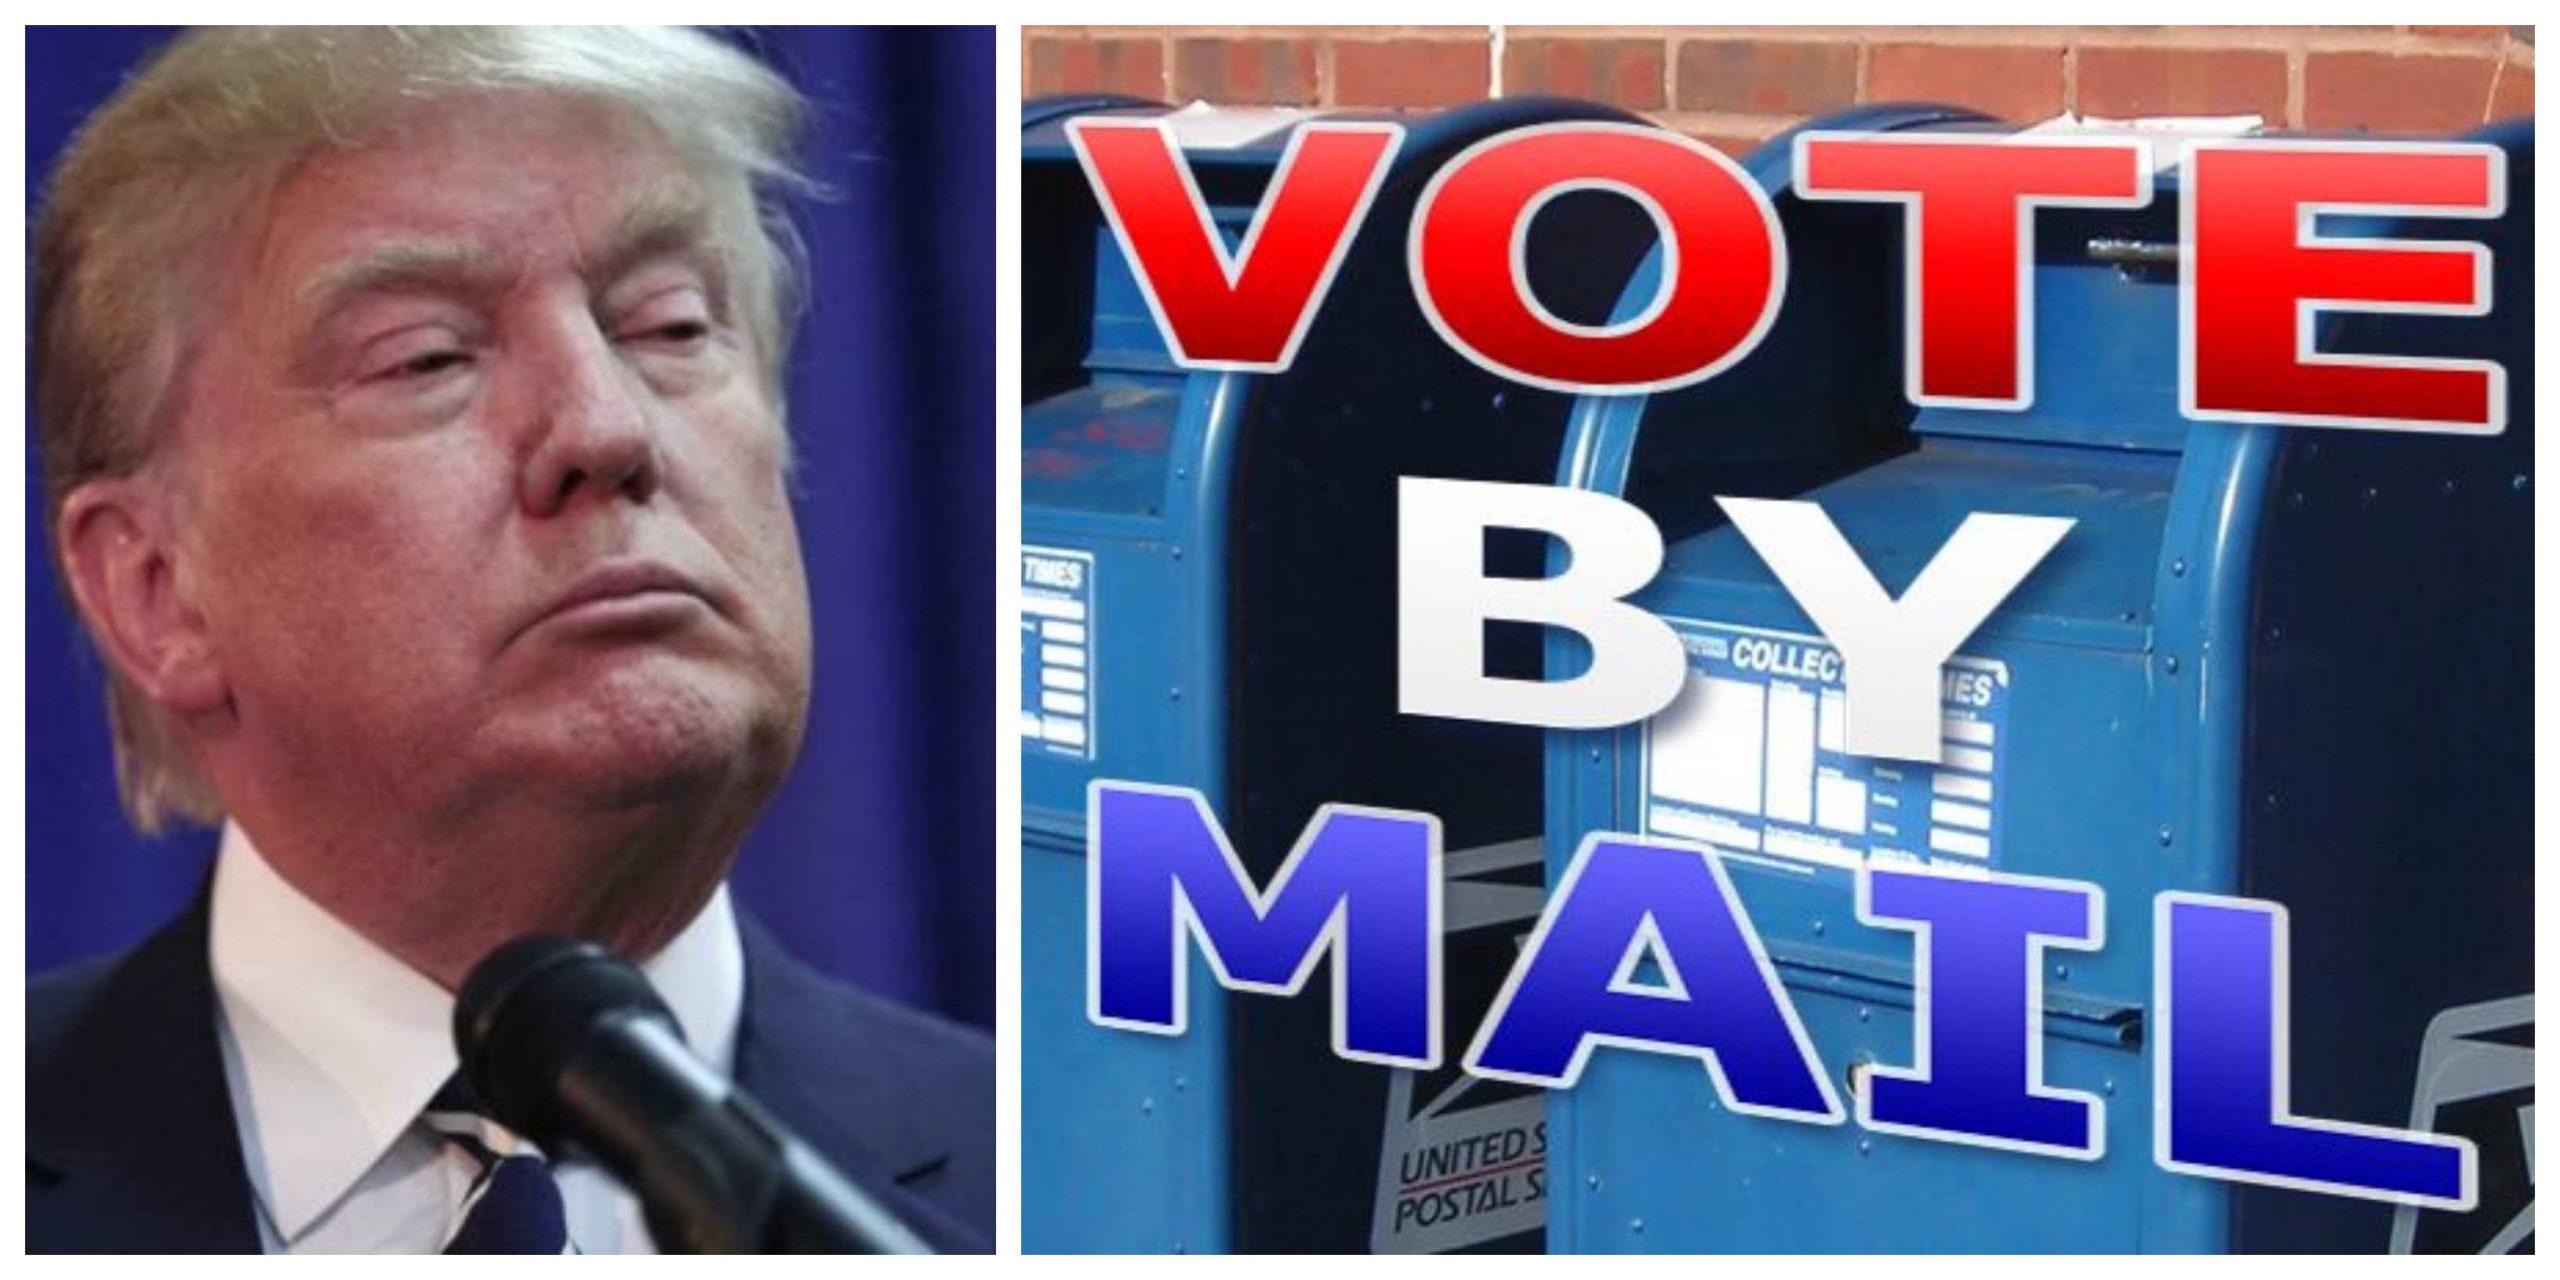 Alegerile prezidențiale SUA. Donald Trump nu are încredere în votul prin poștă